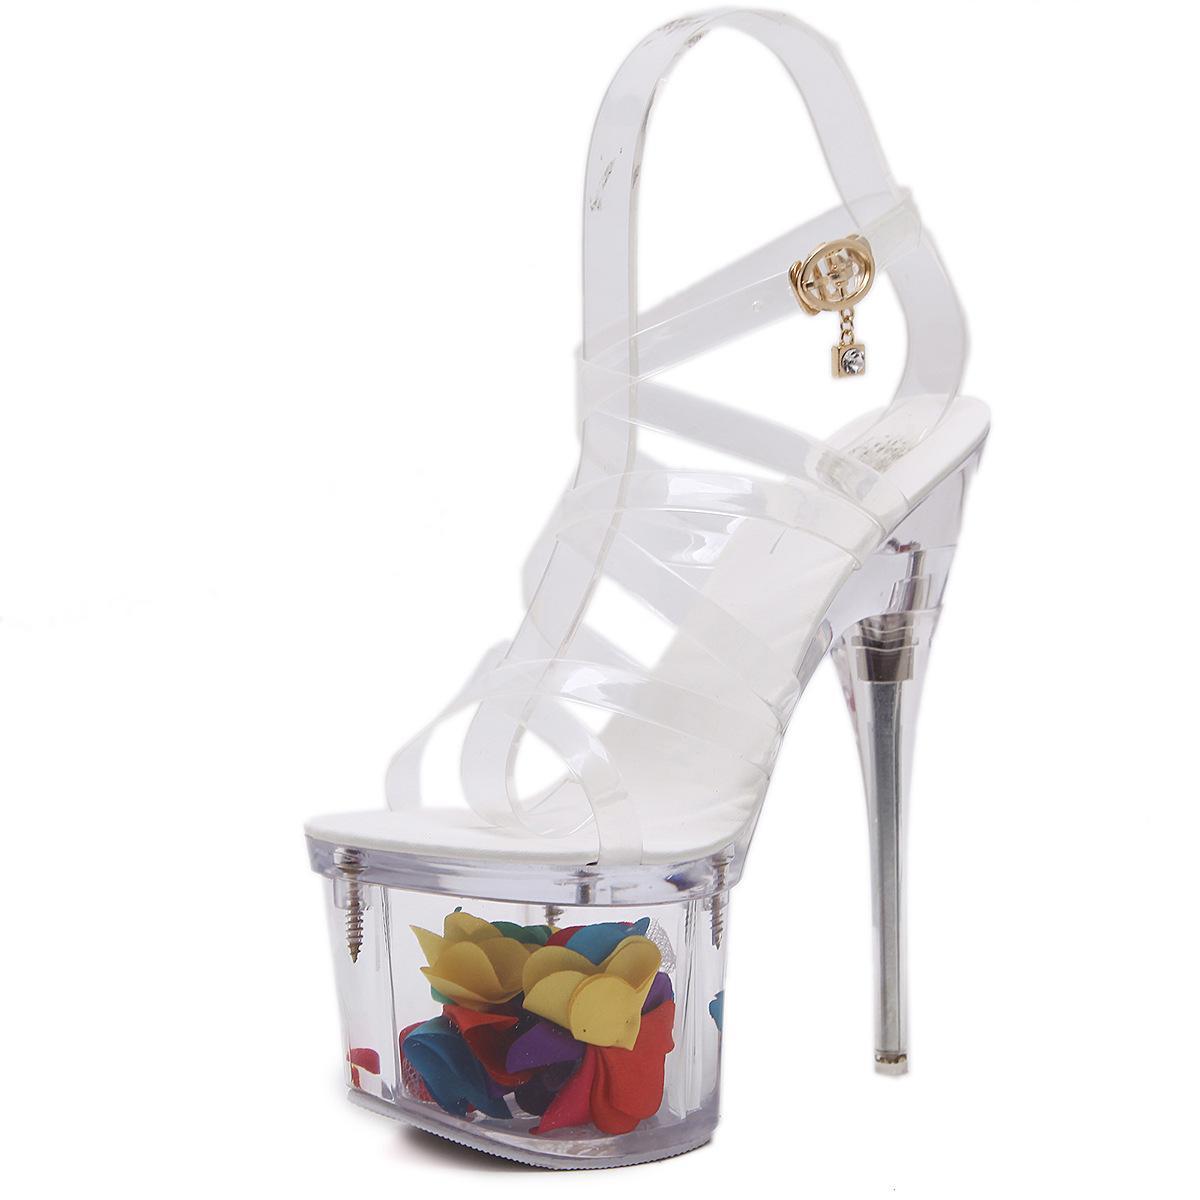 Strass Chaussures Sandales Haut Corss Talon De 34 Bracelet Argent Club Party Mariage Stiletto Peep Toe Plateforme Taille 40 18cm Sexy 0vnwONm8